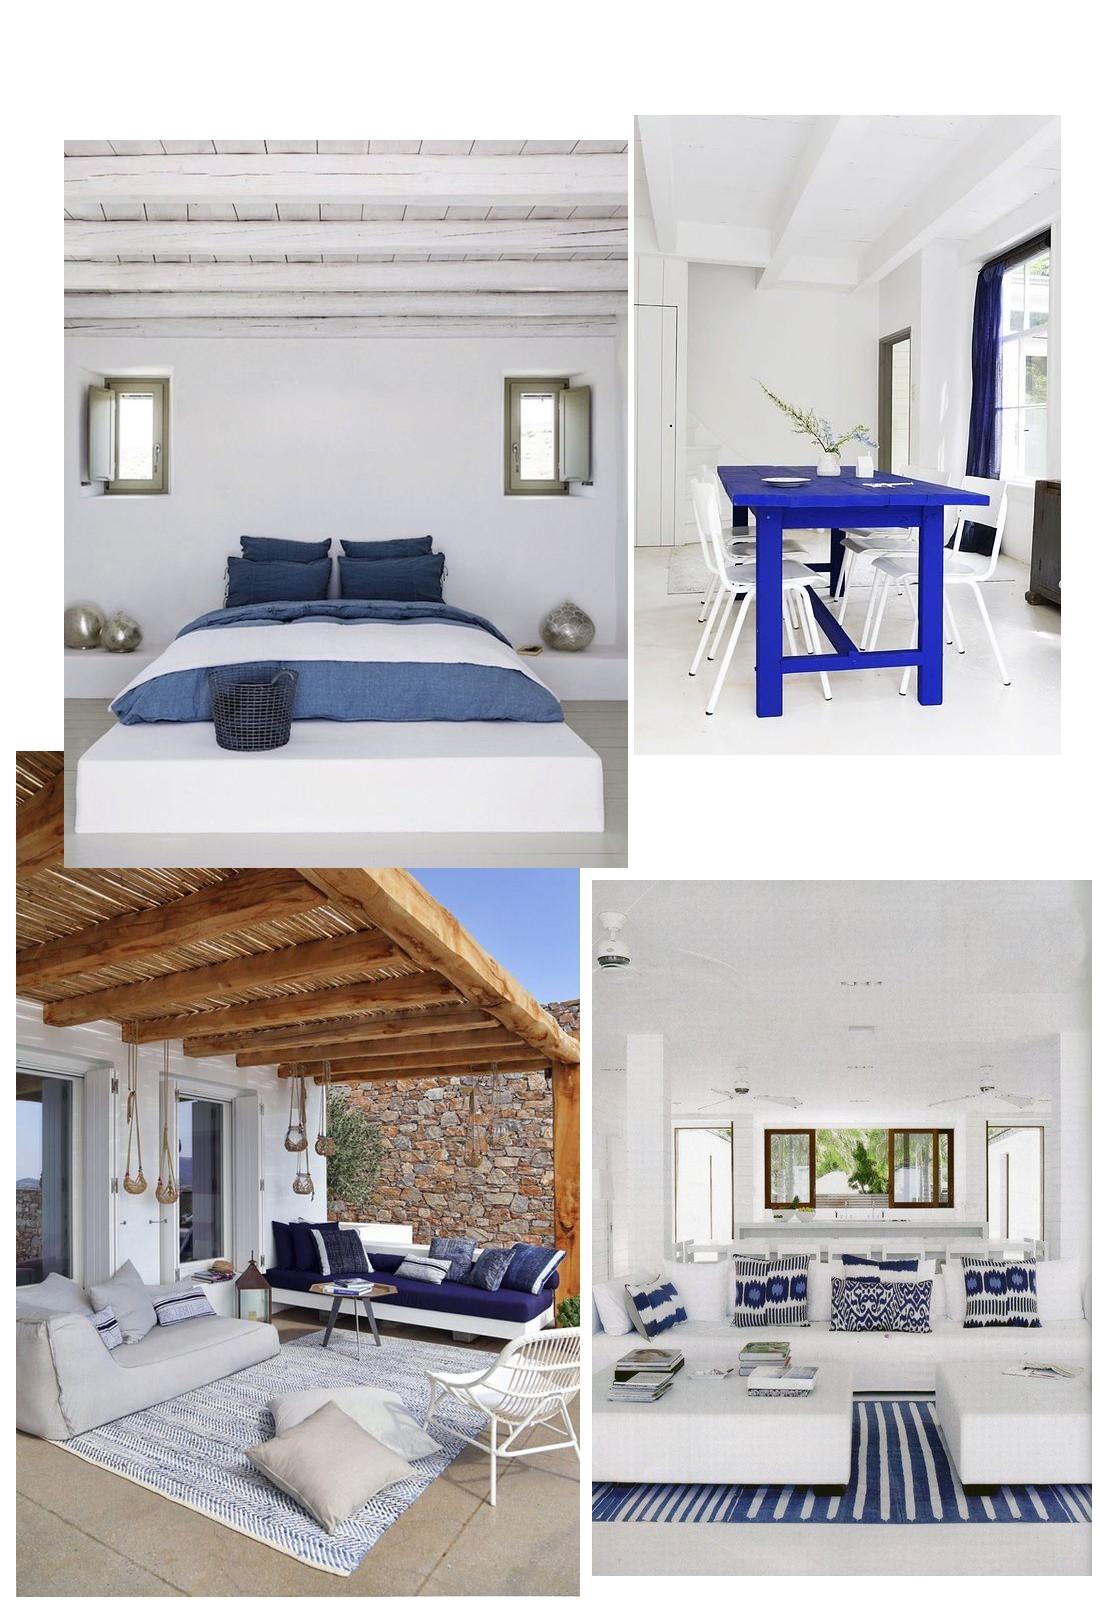 Chambre Provencale Idee Deco le bleu-blanc grecque - mes couleurs déco pour l'été! -